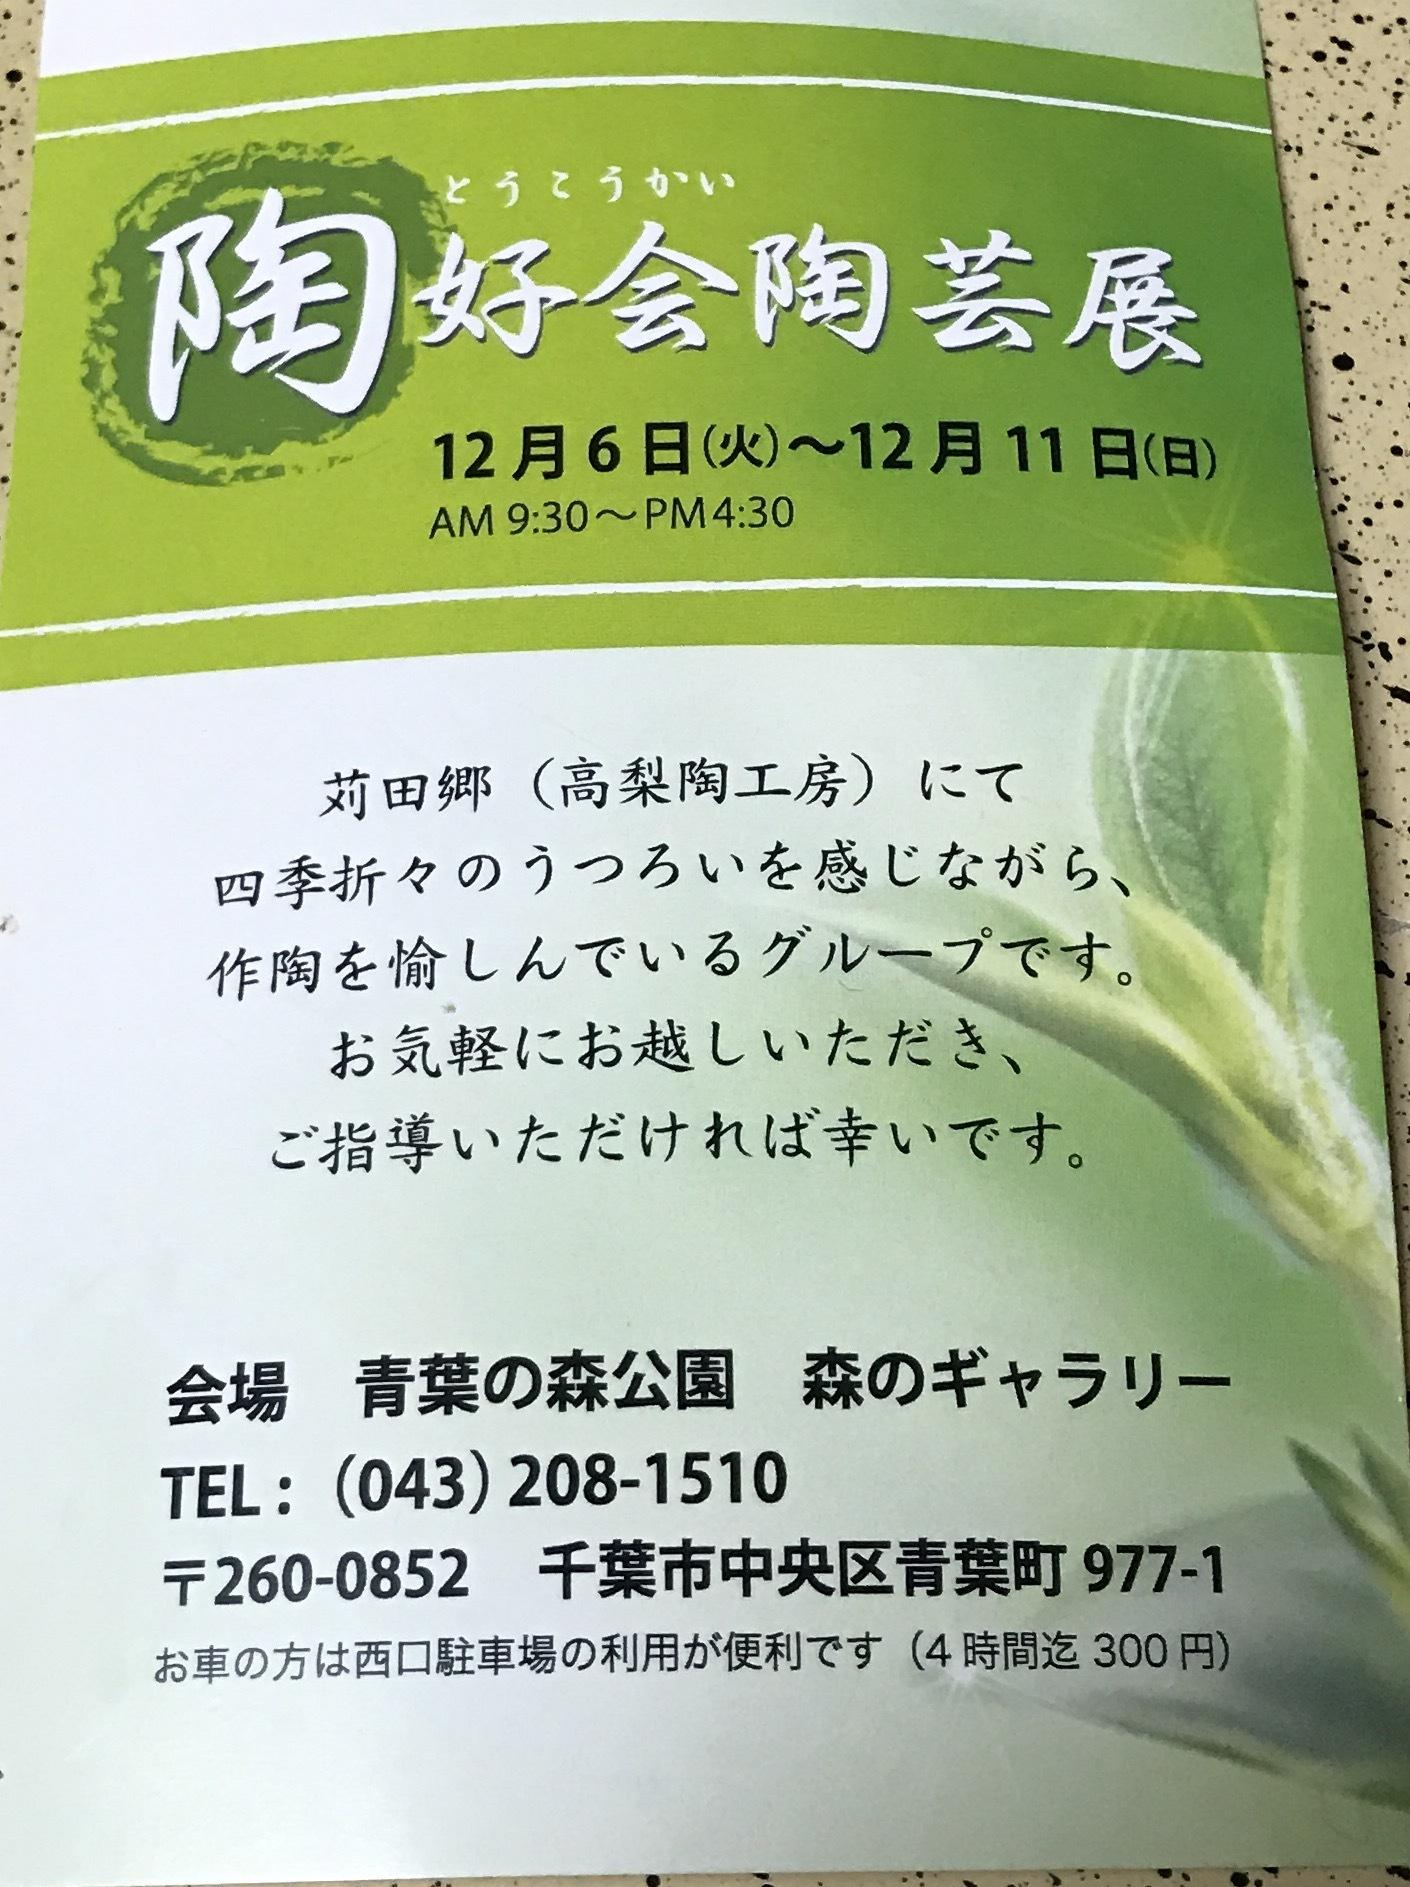 20161204001159942.jpg